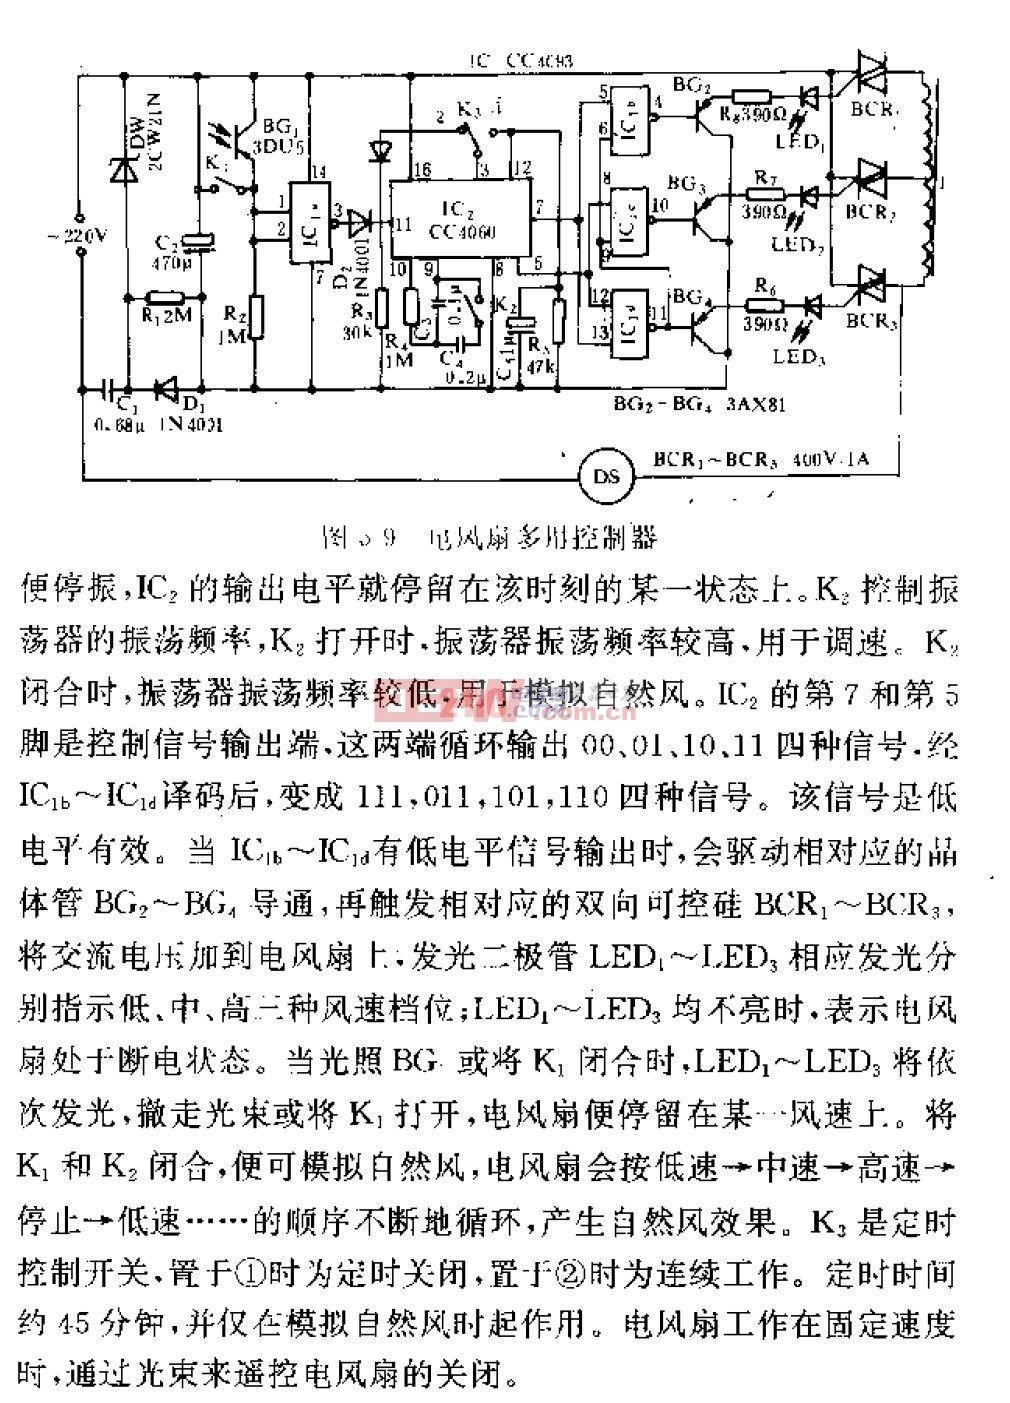 电风扇多用控制器.jpg